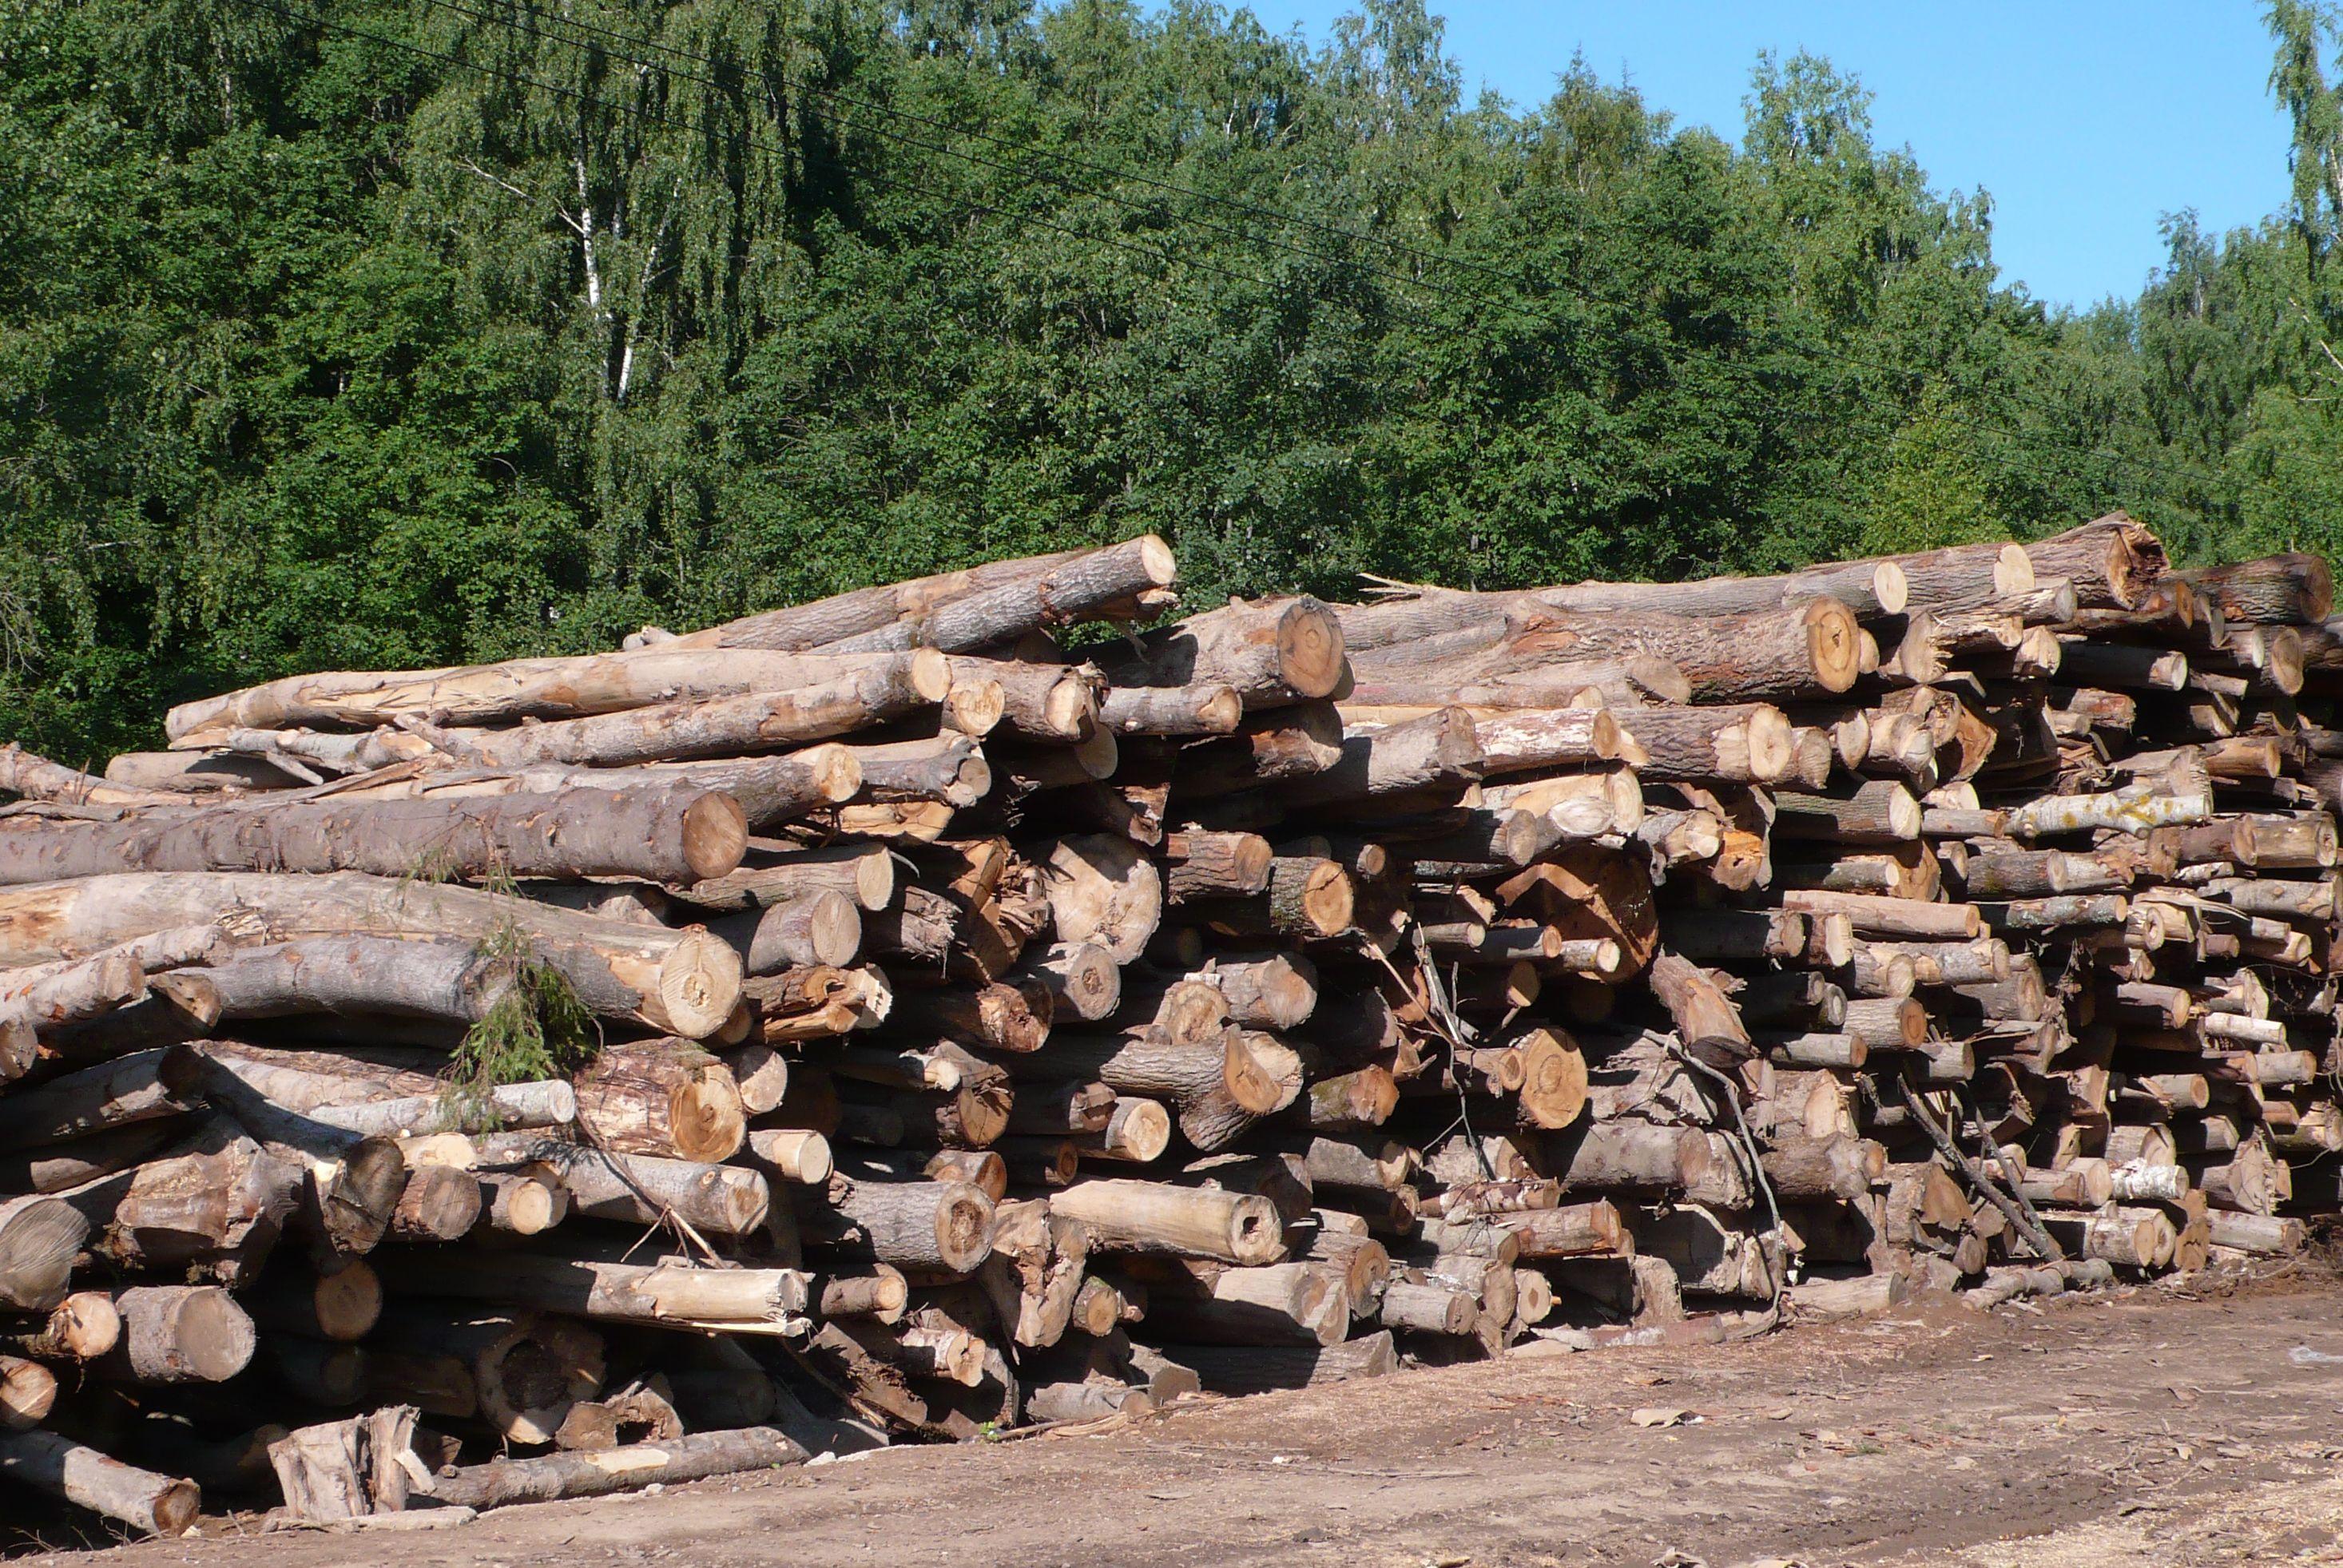 В Опаринском районе выявили незаконные вырубки леса на 6 млн. рублей.